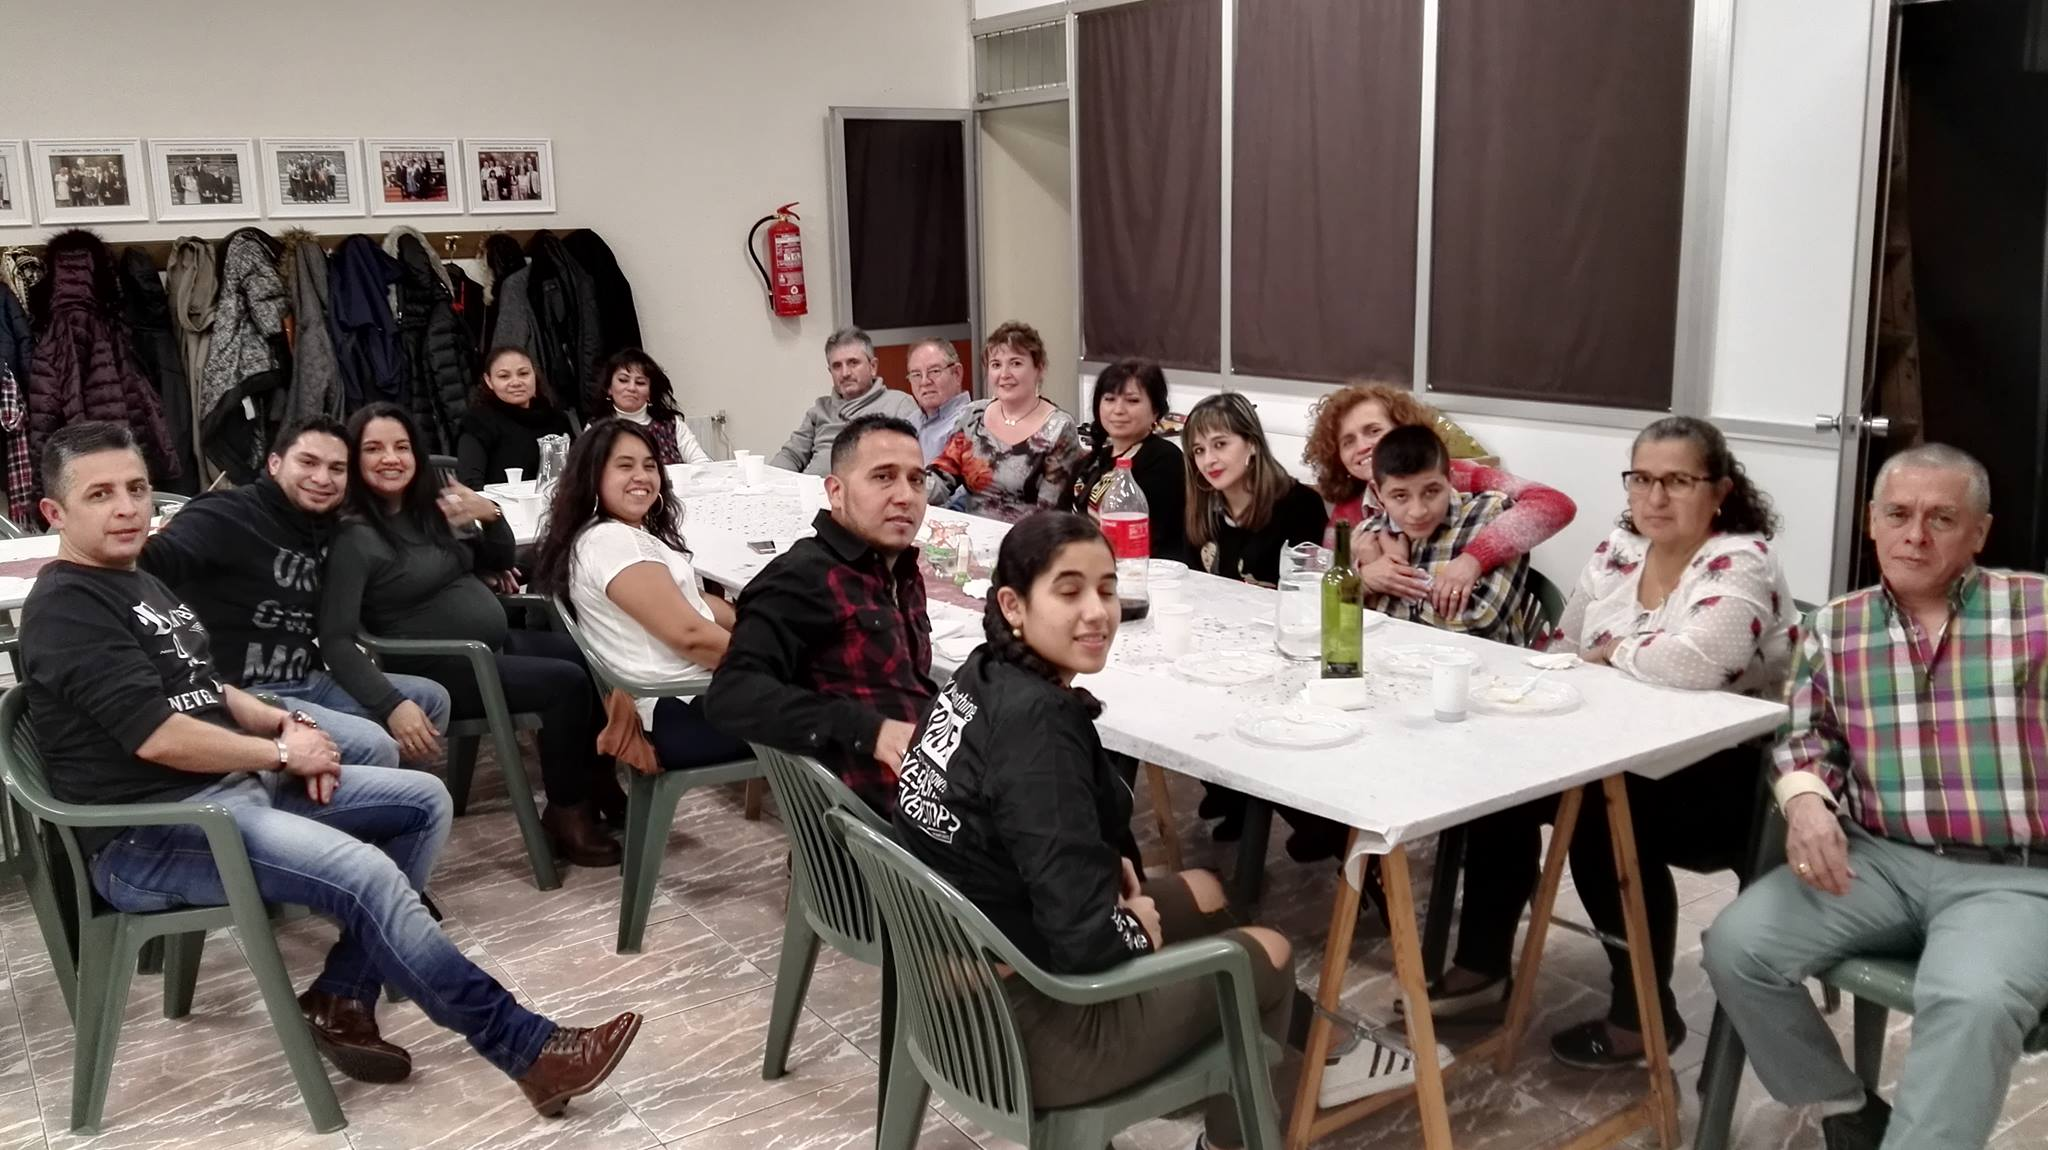 2017.02.04 - CASD FGNV con Sector Familias (4).jpg